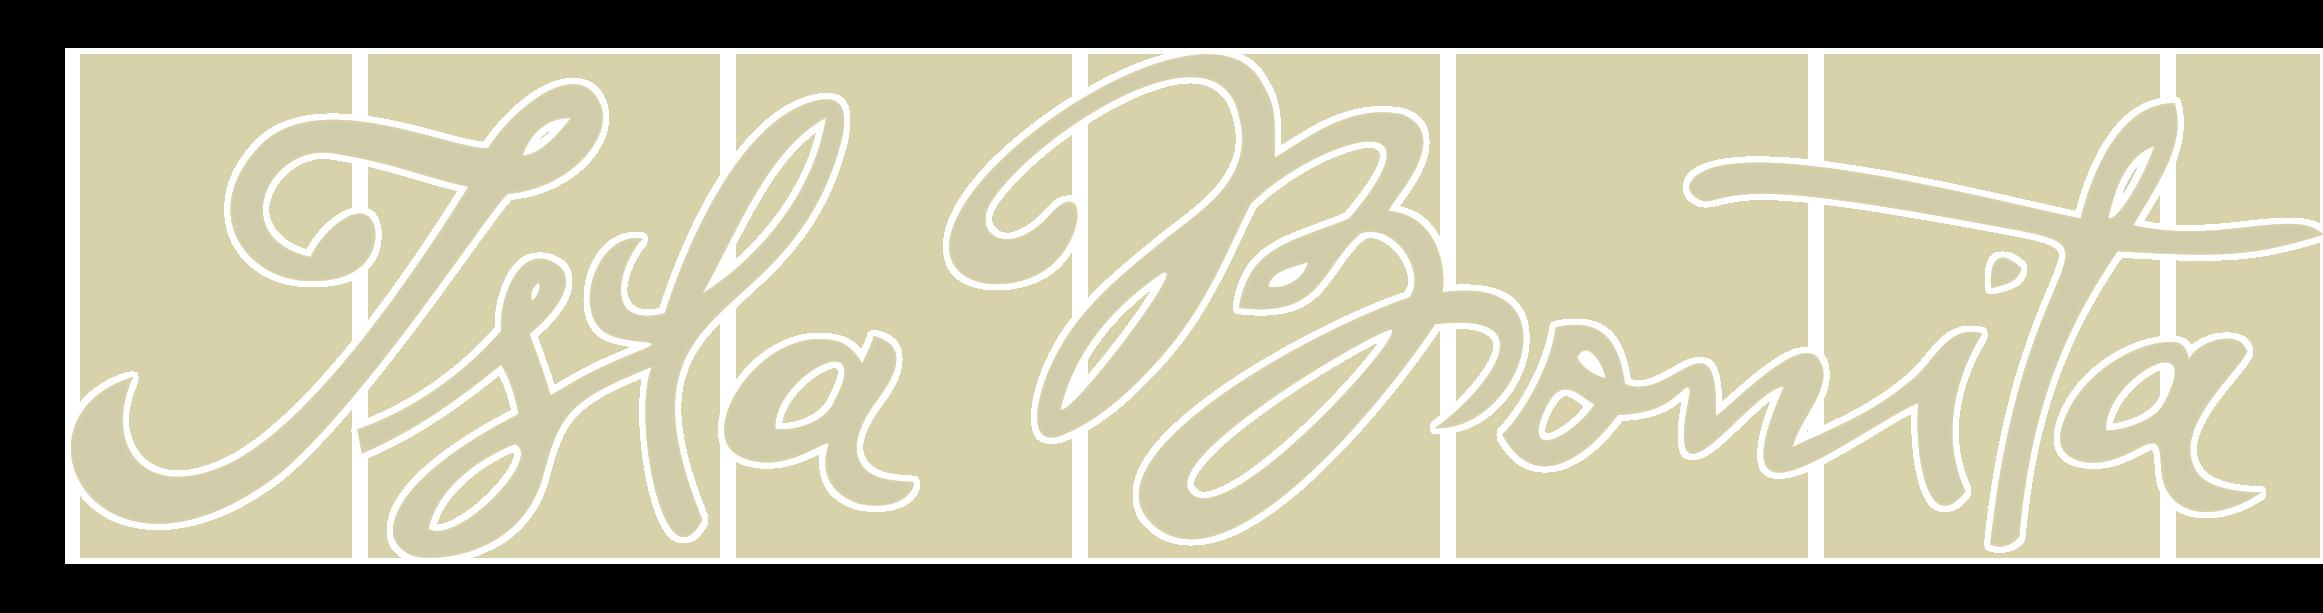 Isla Bonita logo